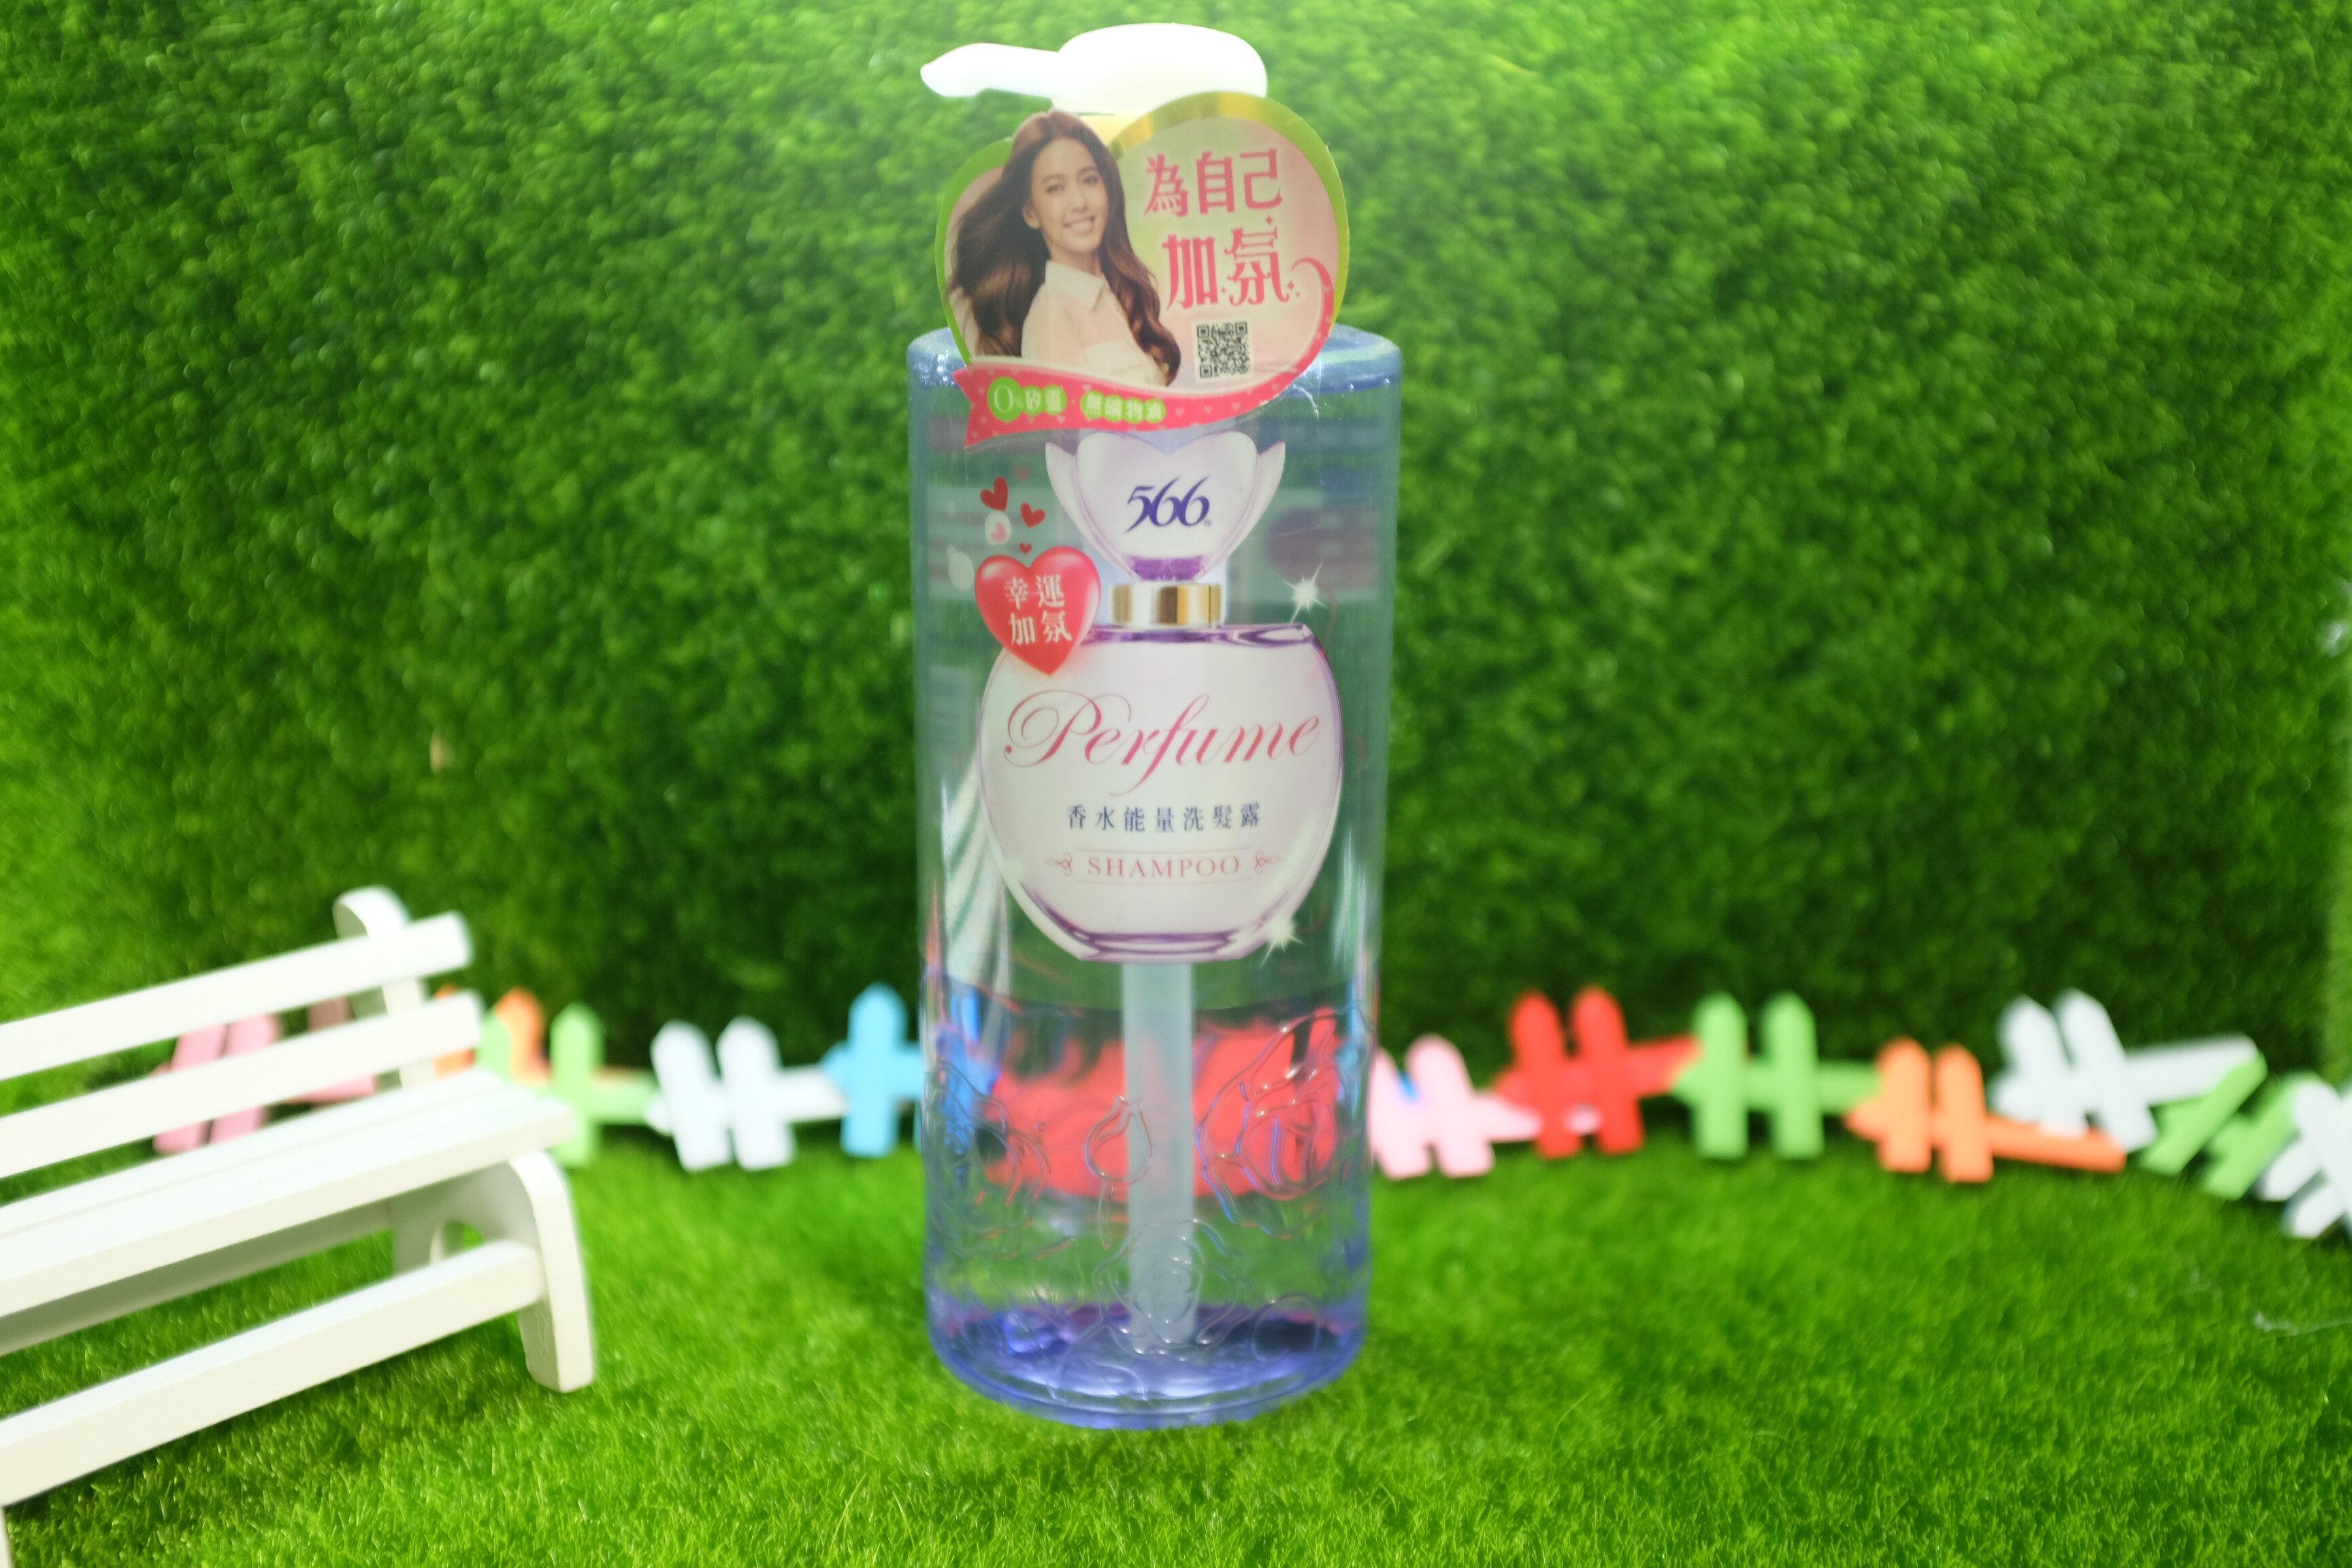 566 紫色 洗髮露 暖心香調 510g#幸運加氛型 陽光好運能量 香水能量